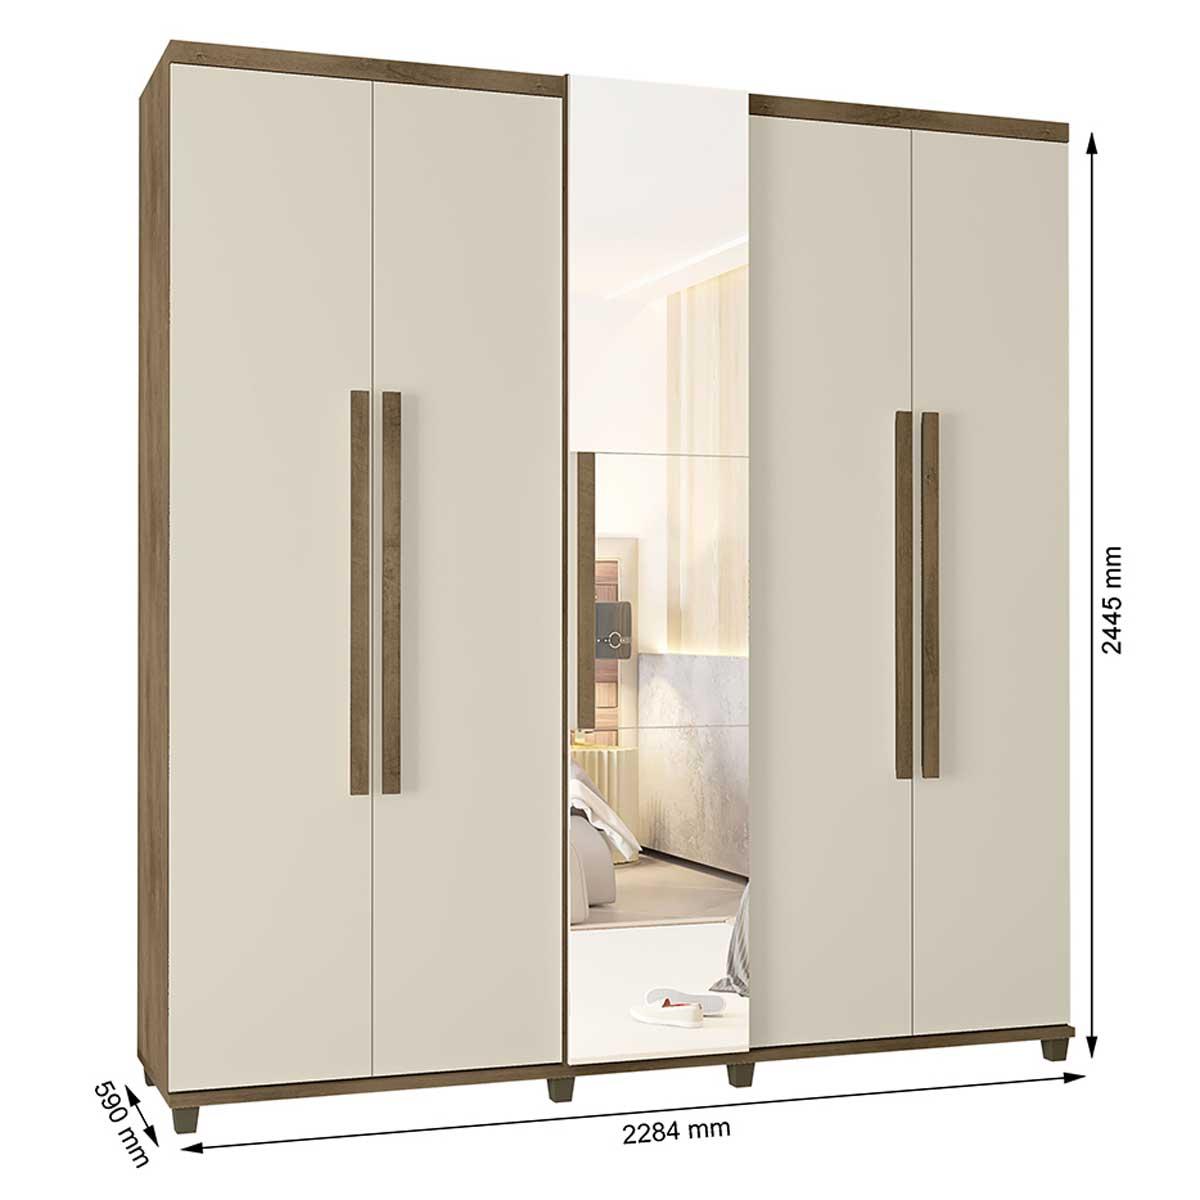 Guarda-Roupa Casal Munique 5 Portas com Espelho Freijó com Off White - RV Móveis